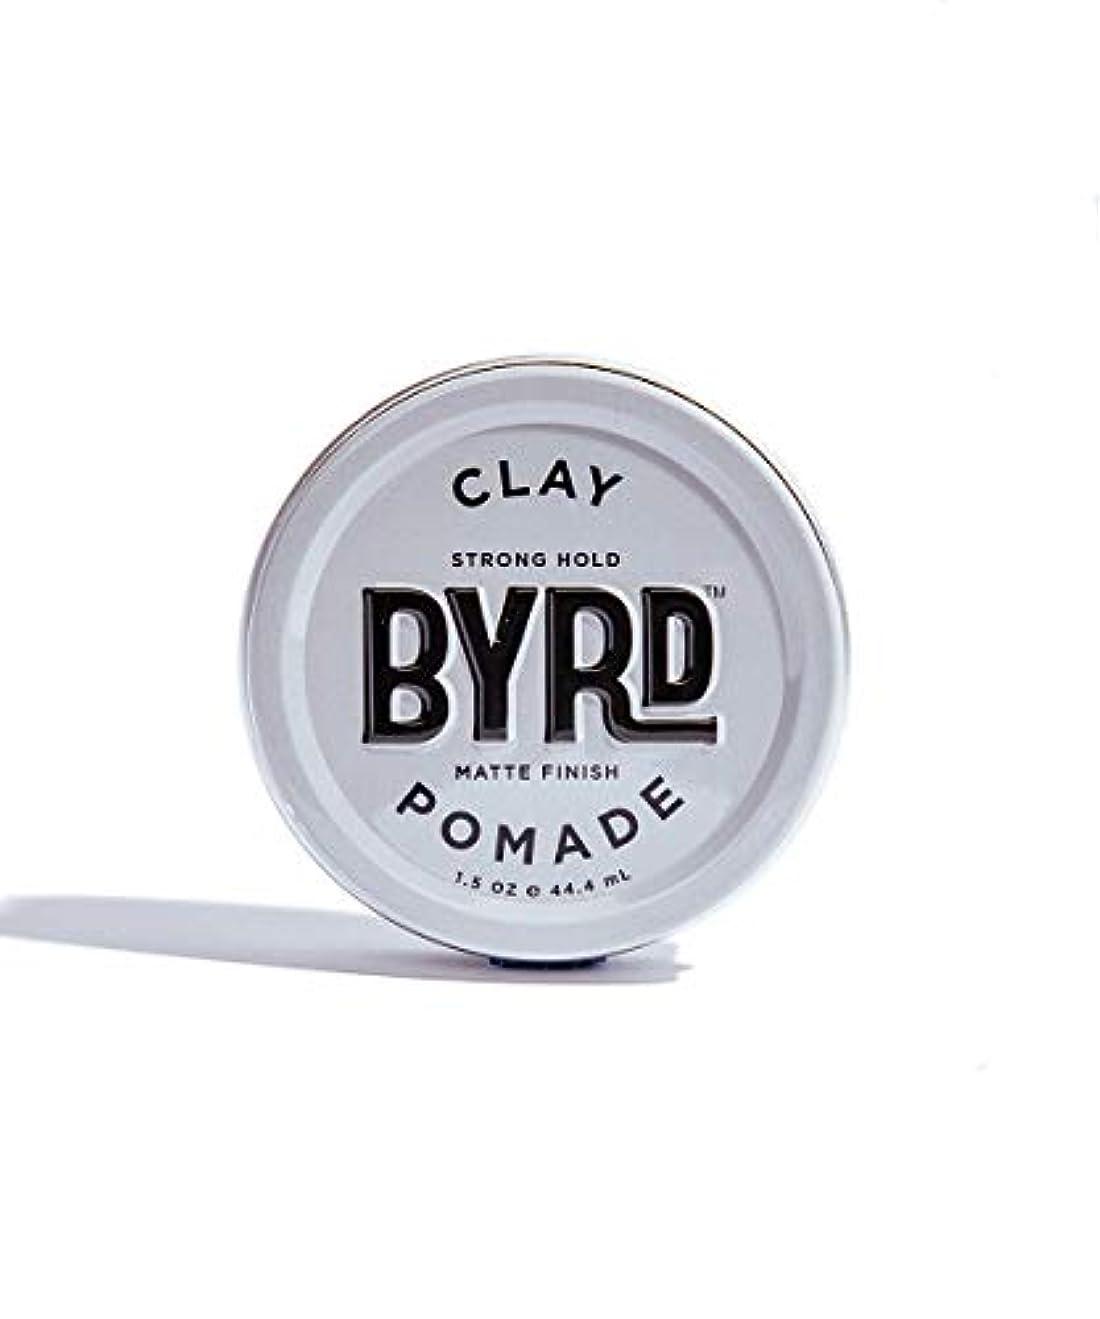 再生的道に迷いました植物学者BYRD/クレイポマード 42g メンズコスメ ワックス ヘアスタイリング かっこいい モテ髪